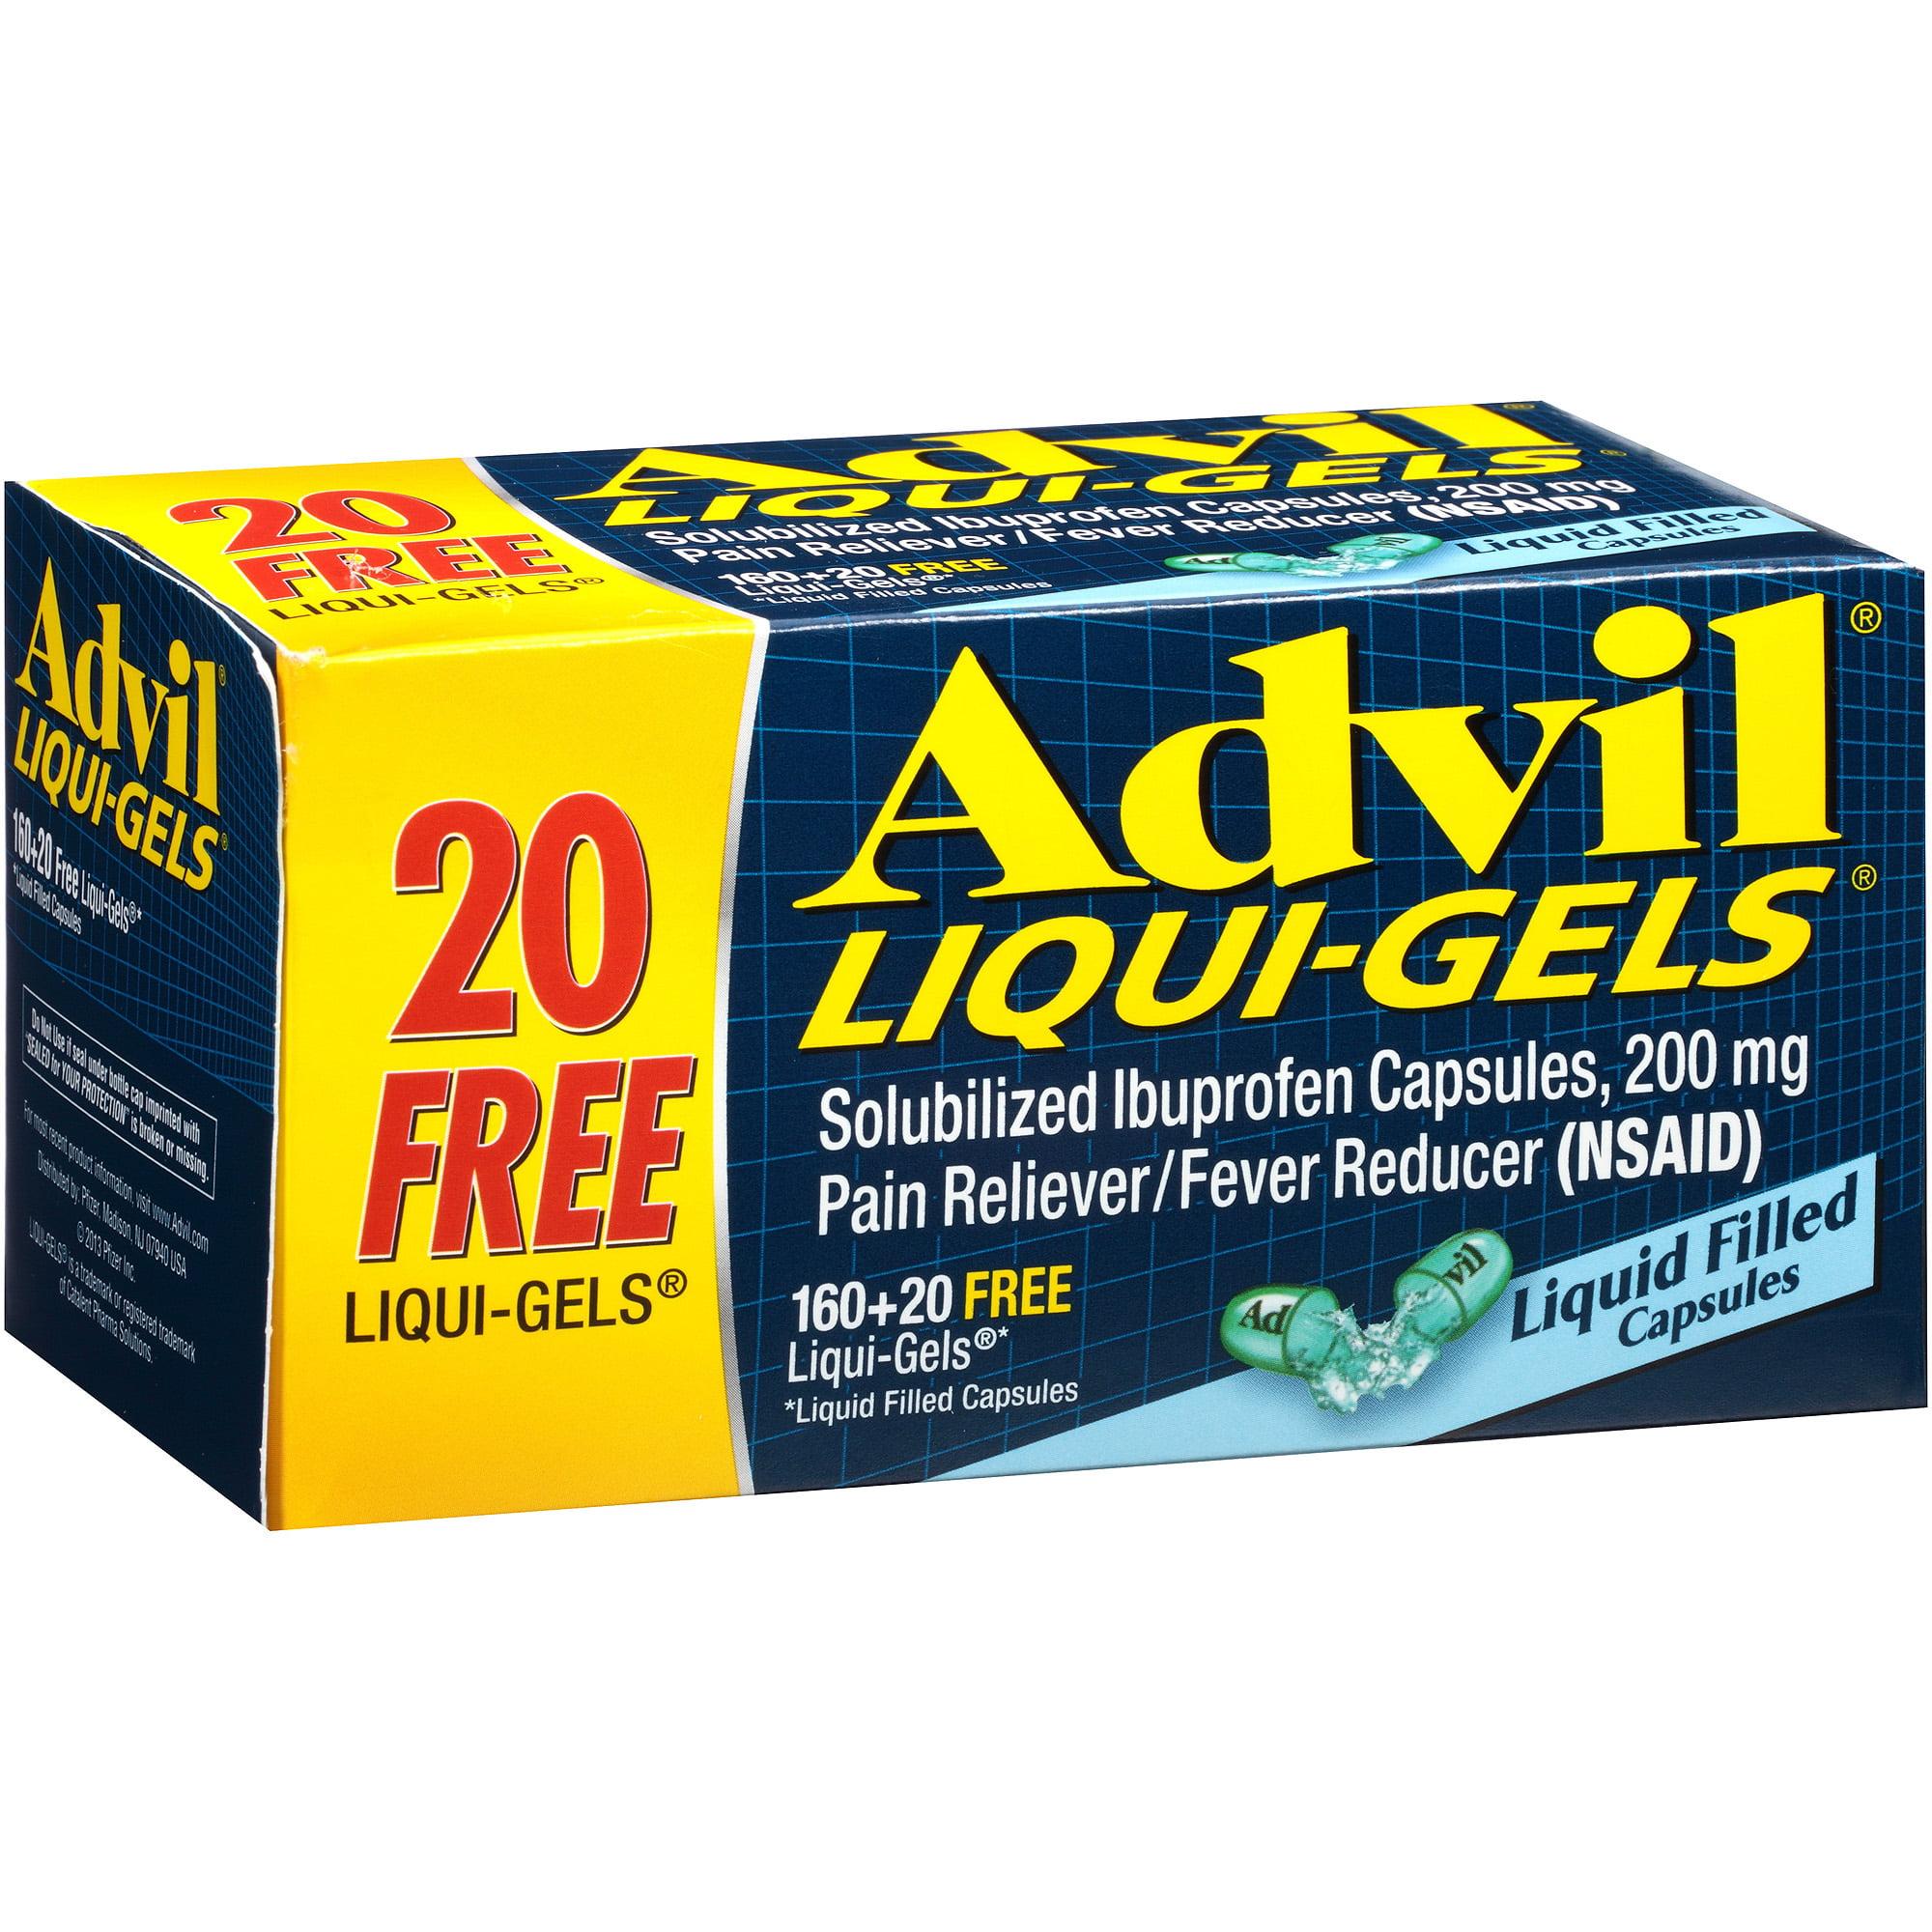 Advil Ibuprofen Liqui-gels. 160 ct w/ 20 ct Free